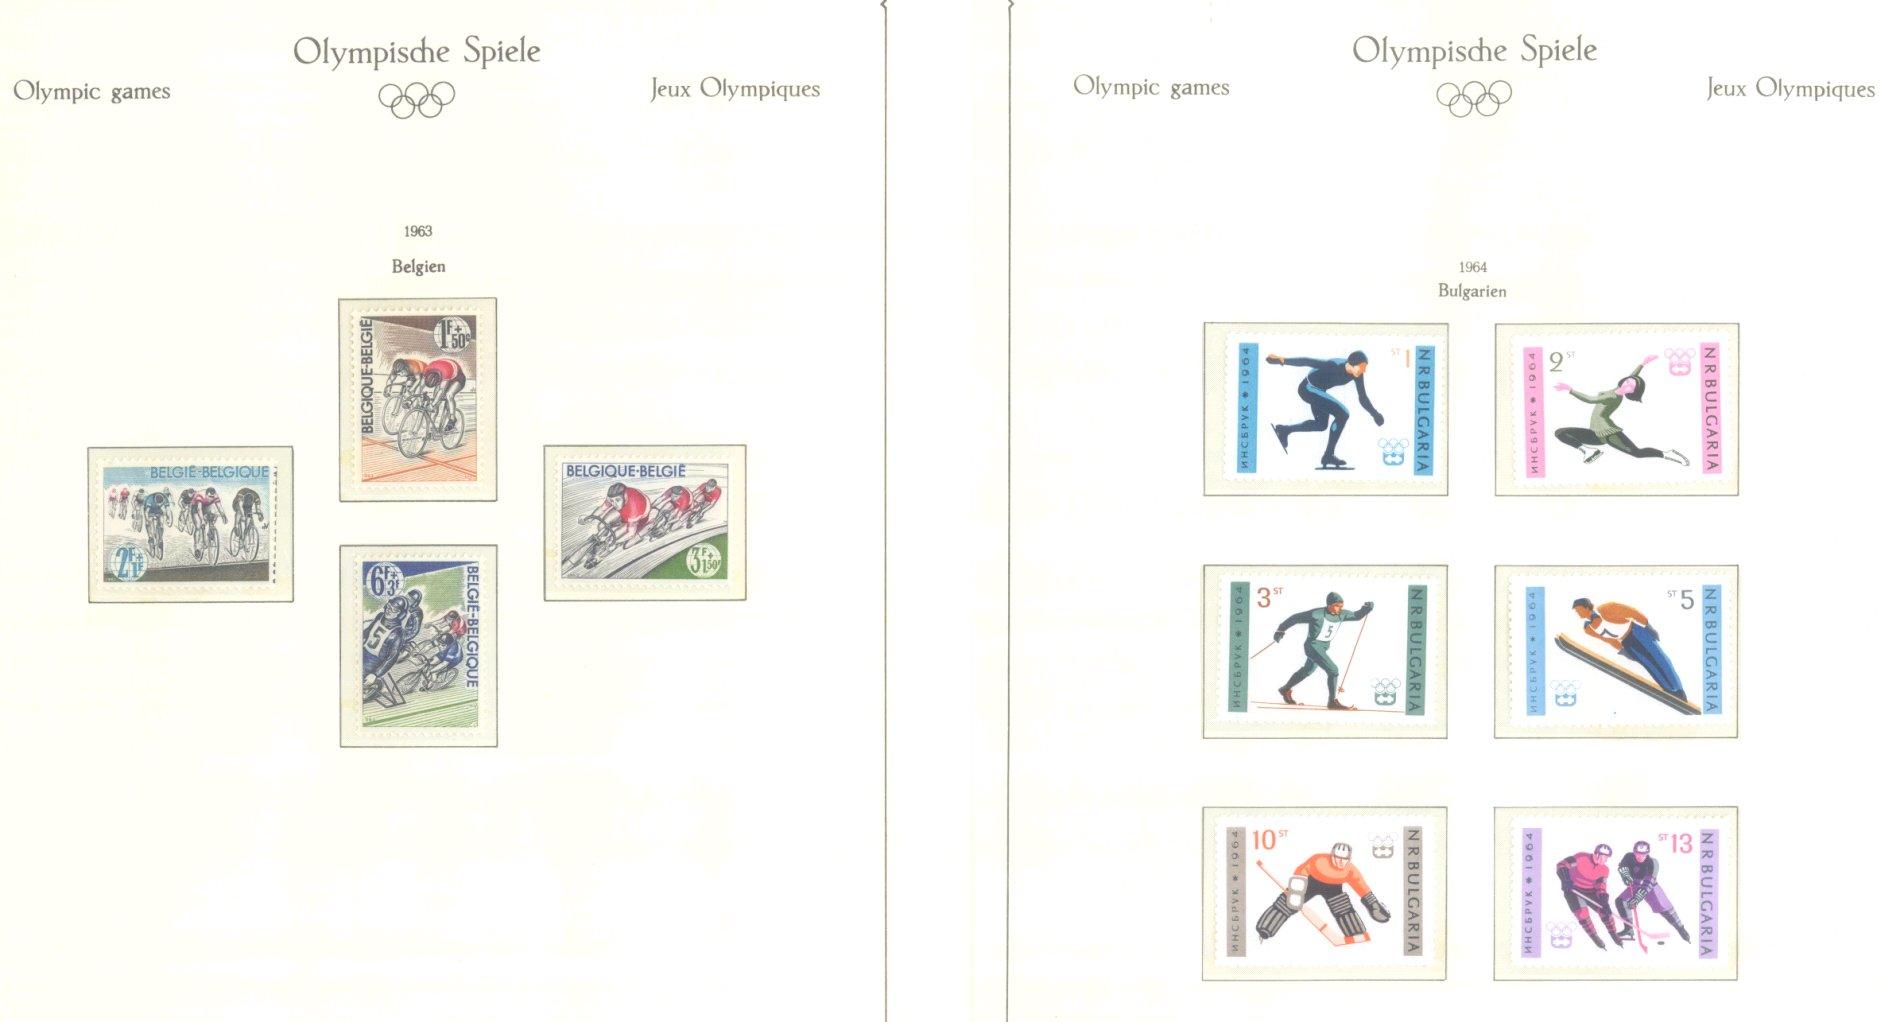 OLYMPISCHE SPIELE 1964 TOKIO, postfrische Sammlung Teil 1-63